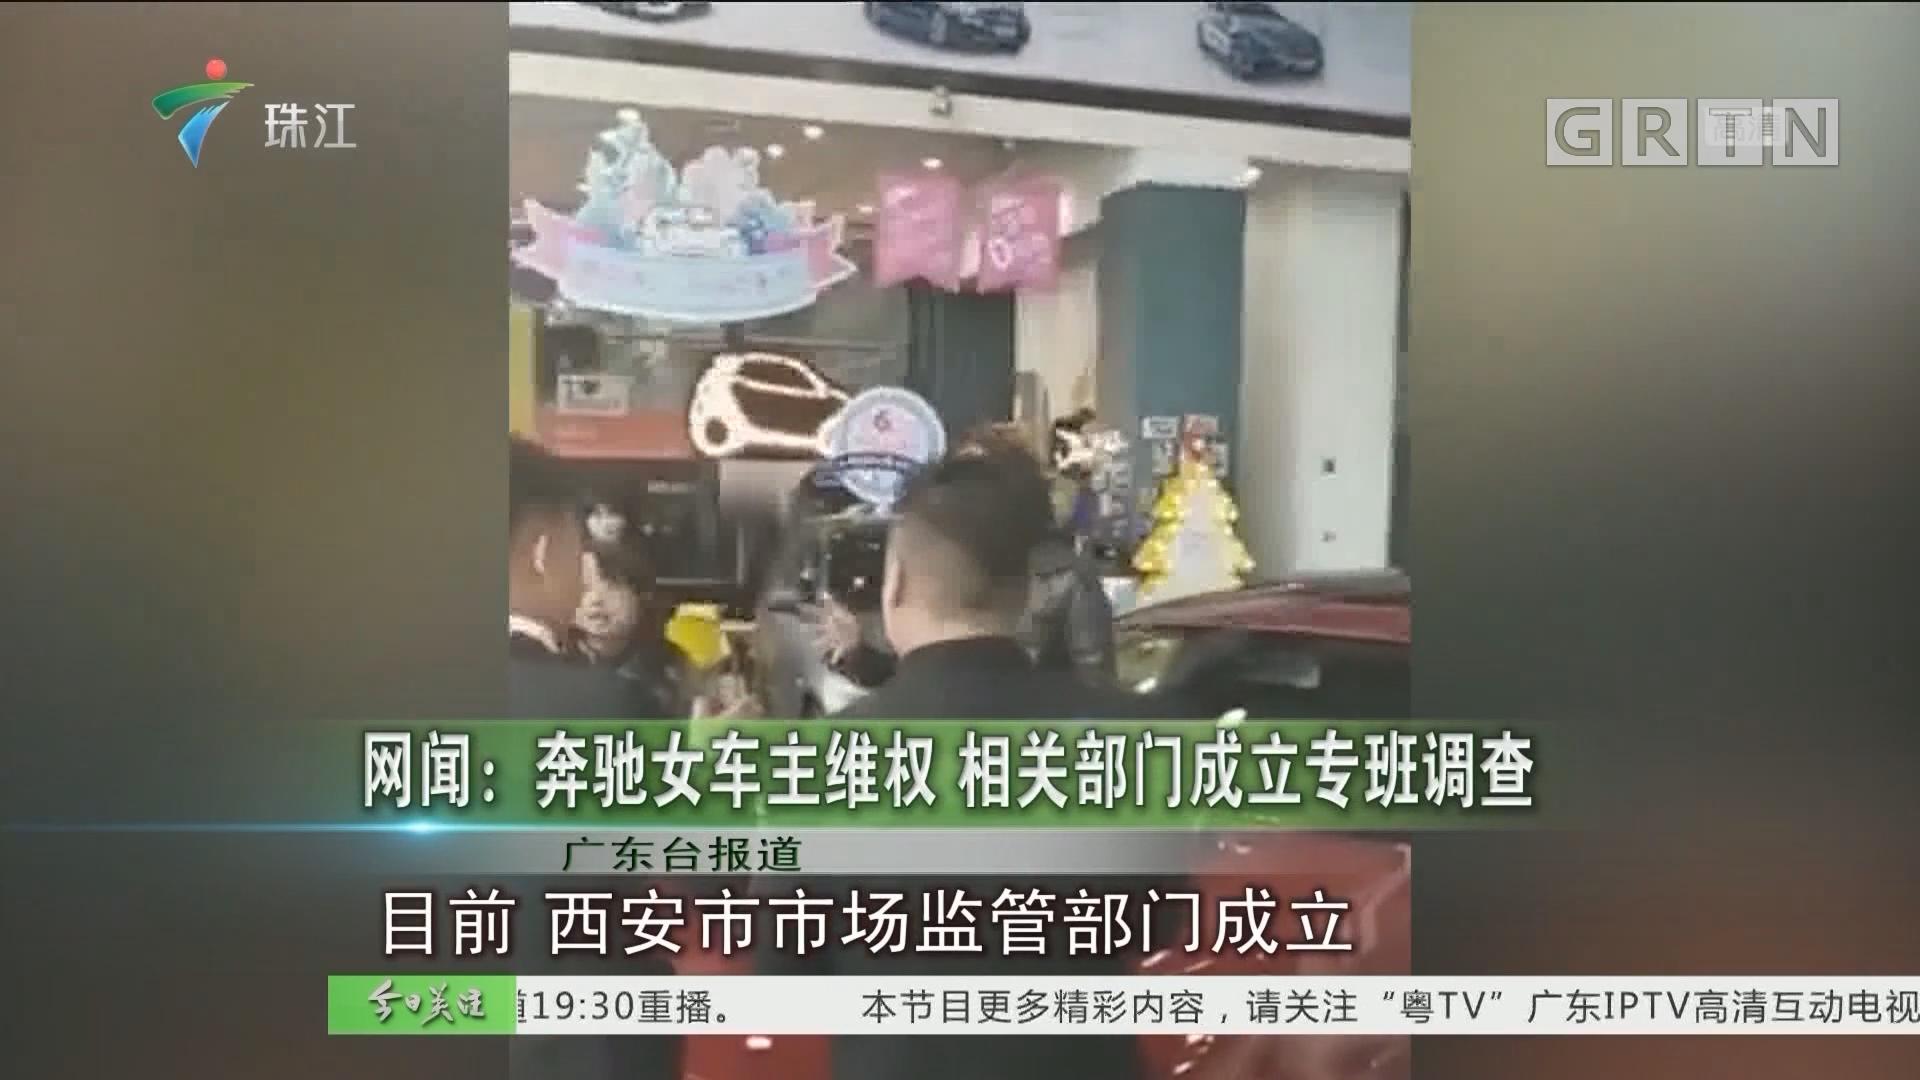 网闻:奔驰女车主维权 相关部门成立专班调查